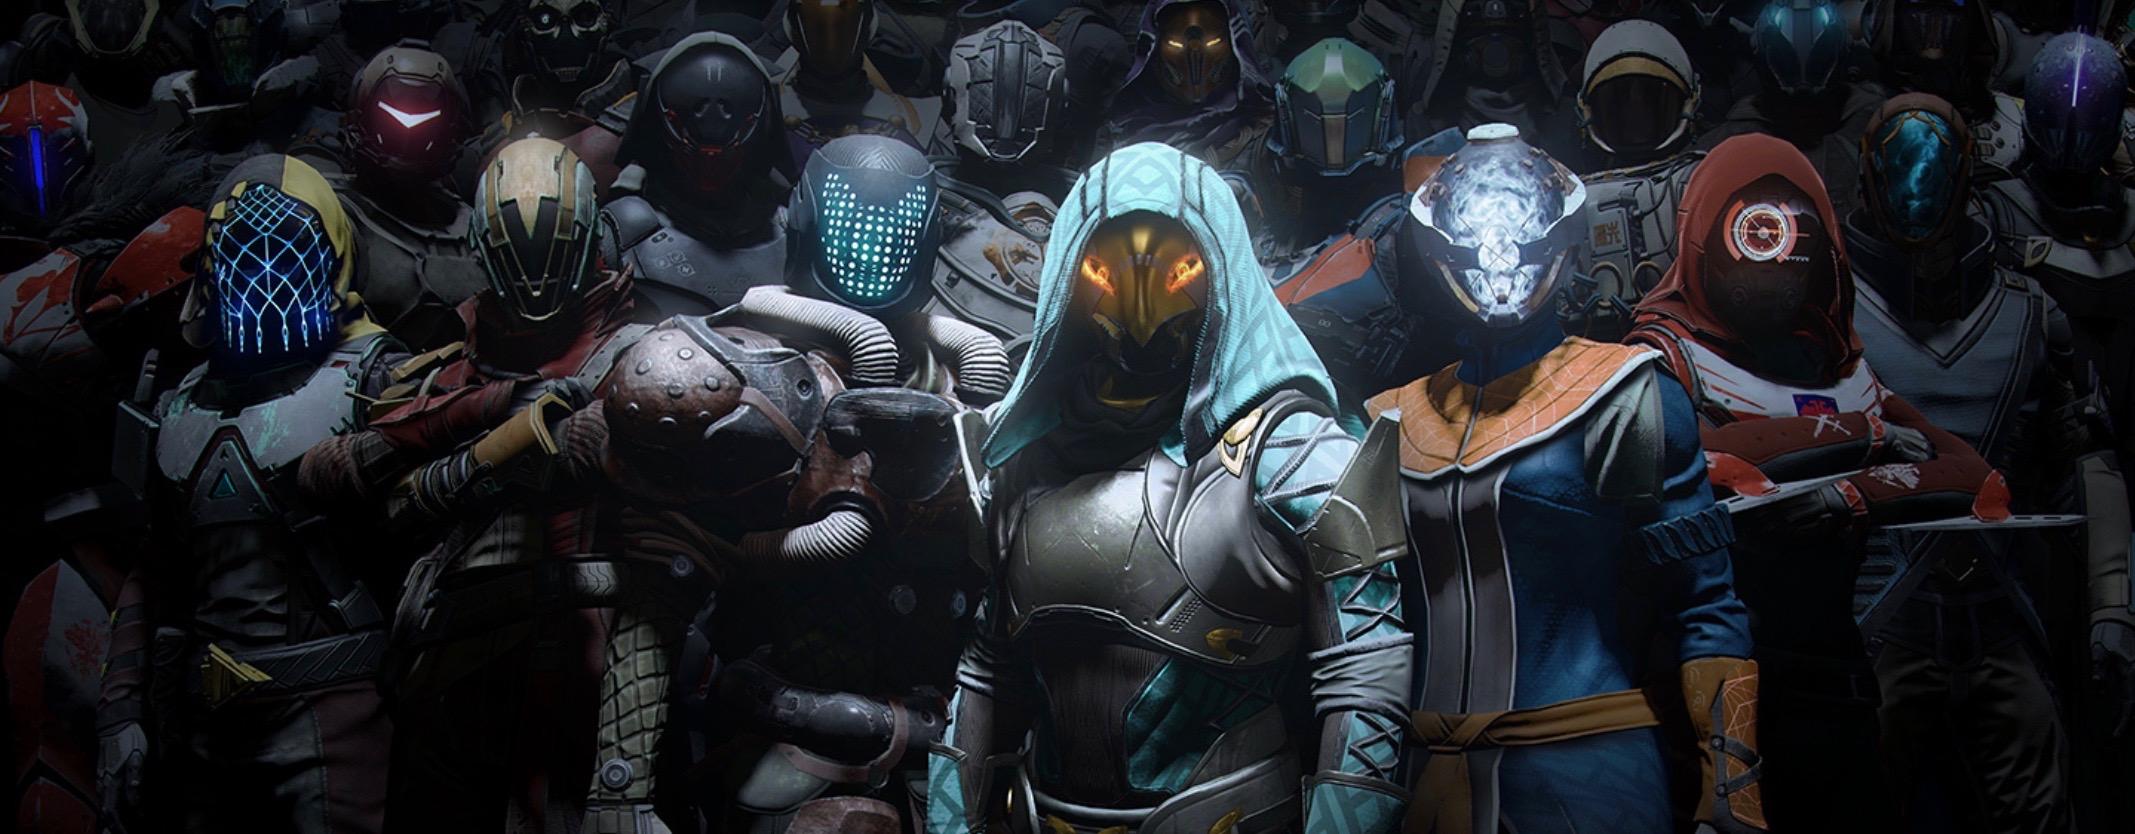 Destiny 2 sagt: Sie arbeiten nicht an Waffen 2.0, sondern an Builds – Was heißt das?